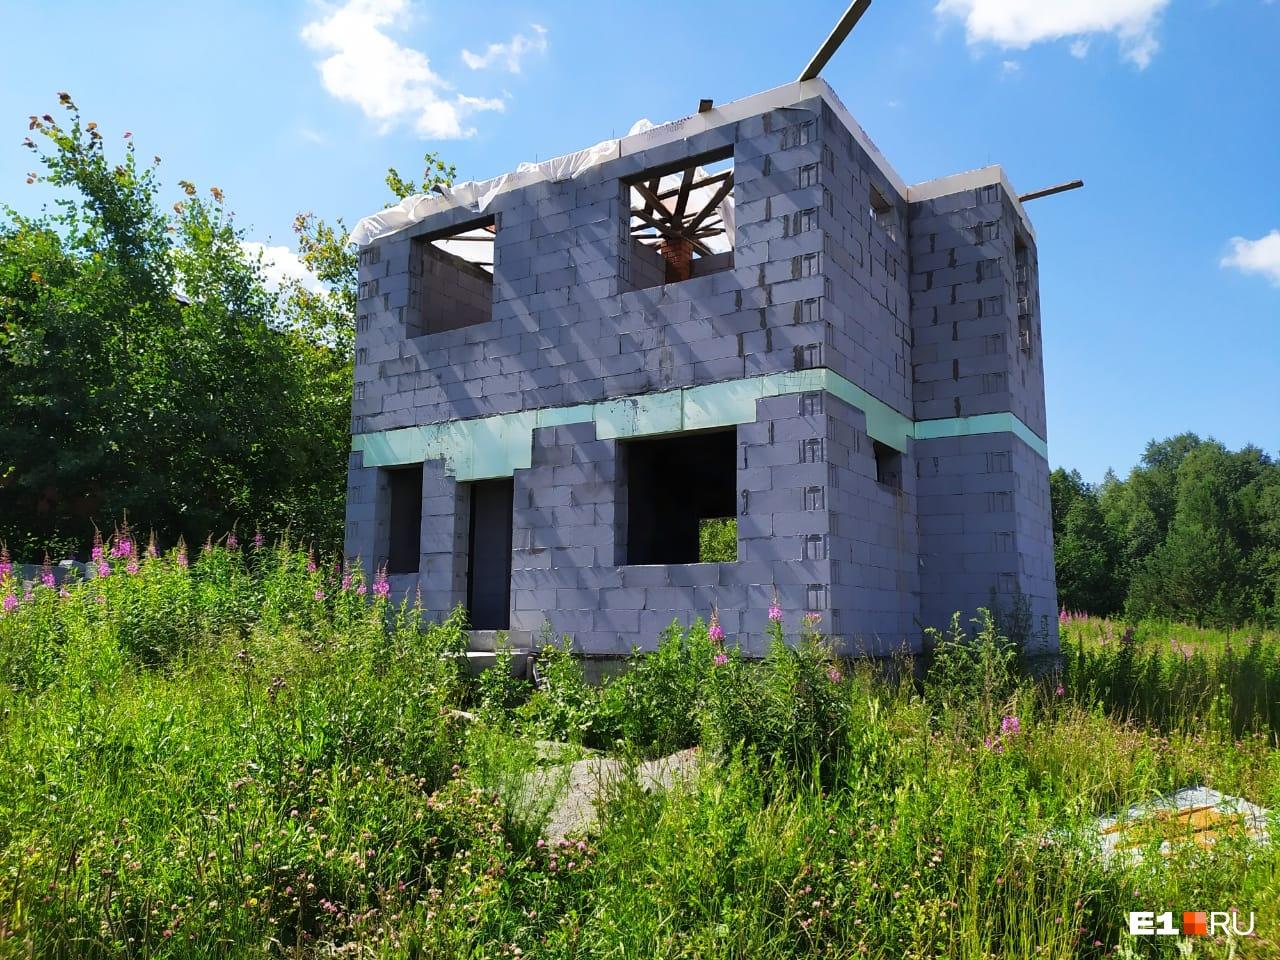 Леонид Дудин надеется продать участок вместе с недостроенным домом